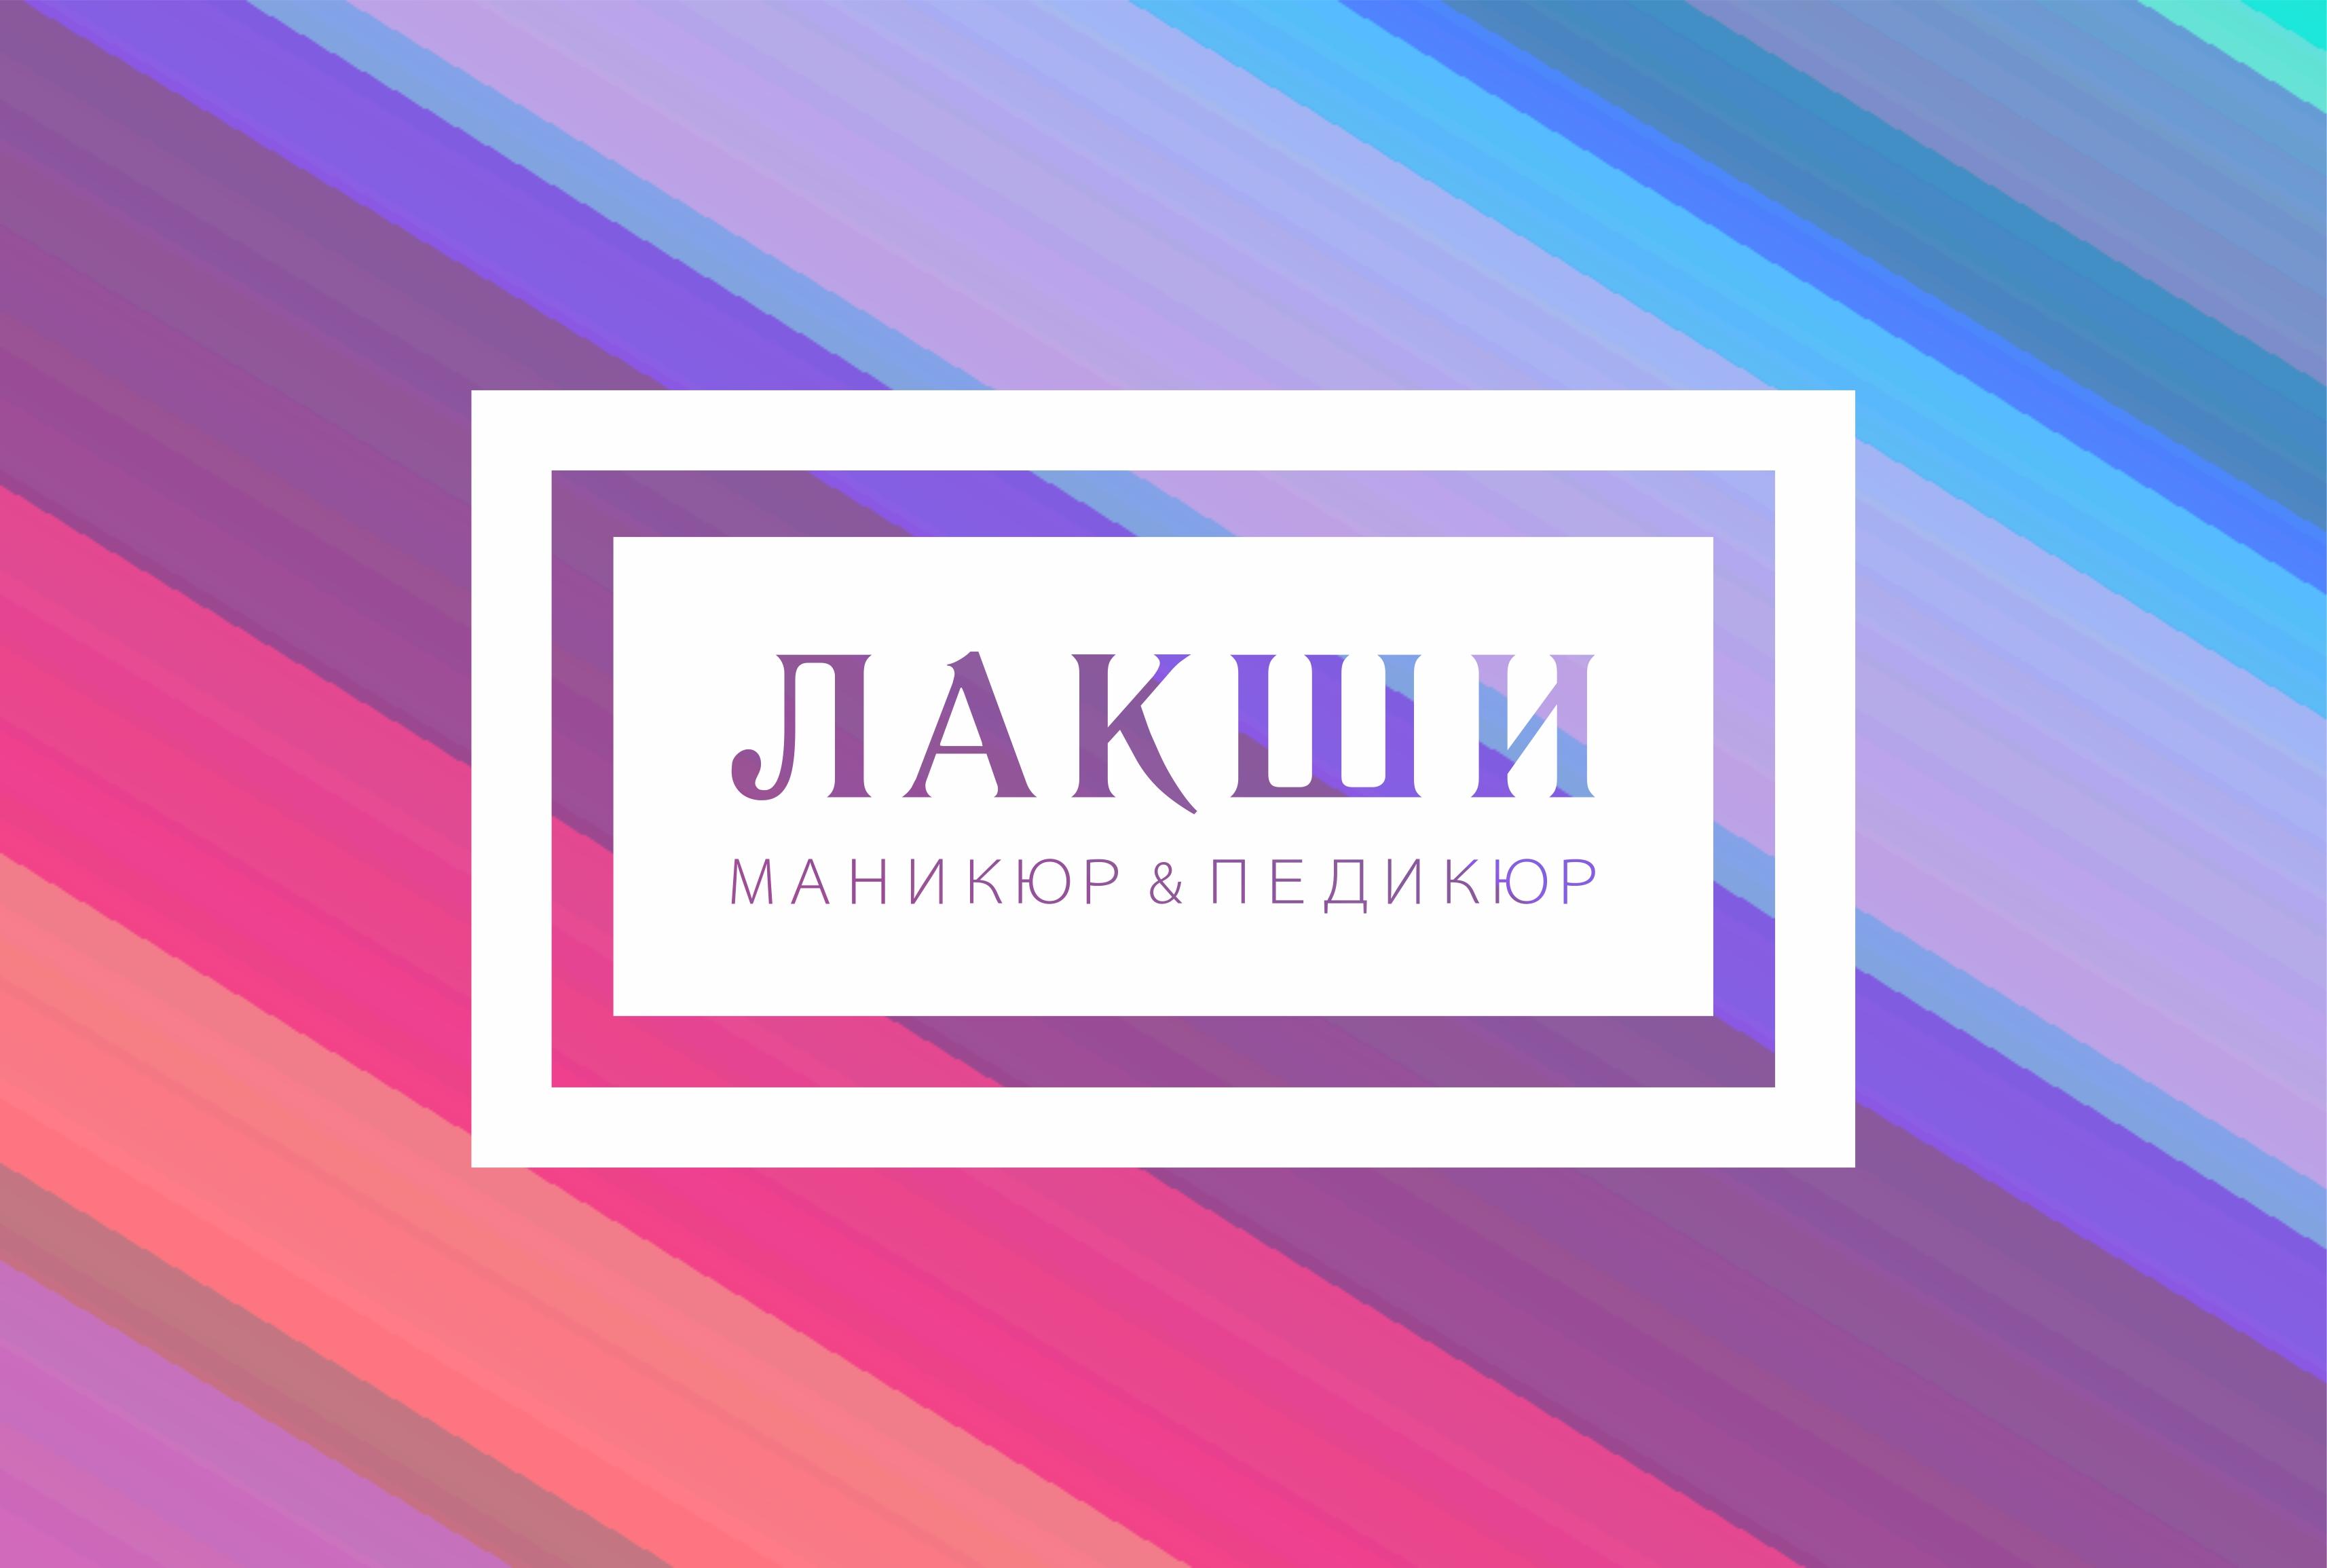 Разработка логотипа фирменного стиля фото f_4355c578c9f4e781.jpg